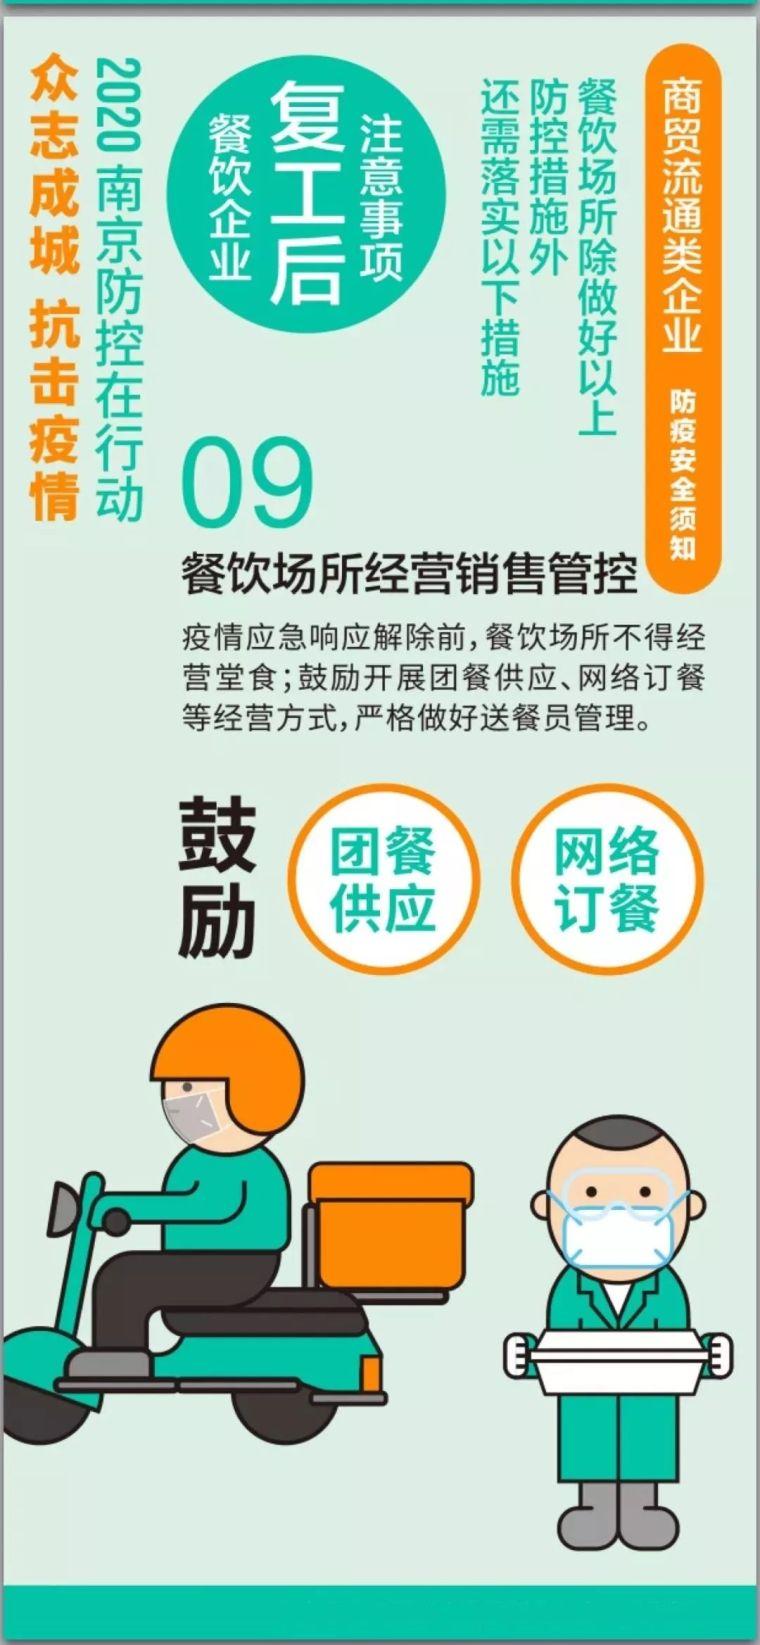 企业复工,防疫安全须知(图解)_22